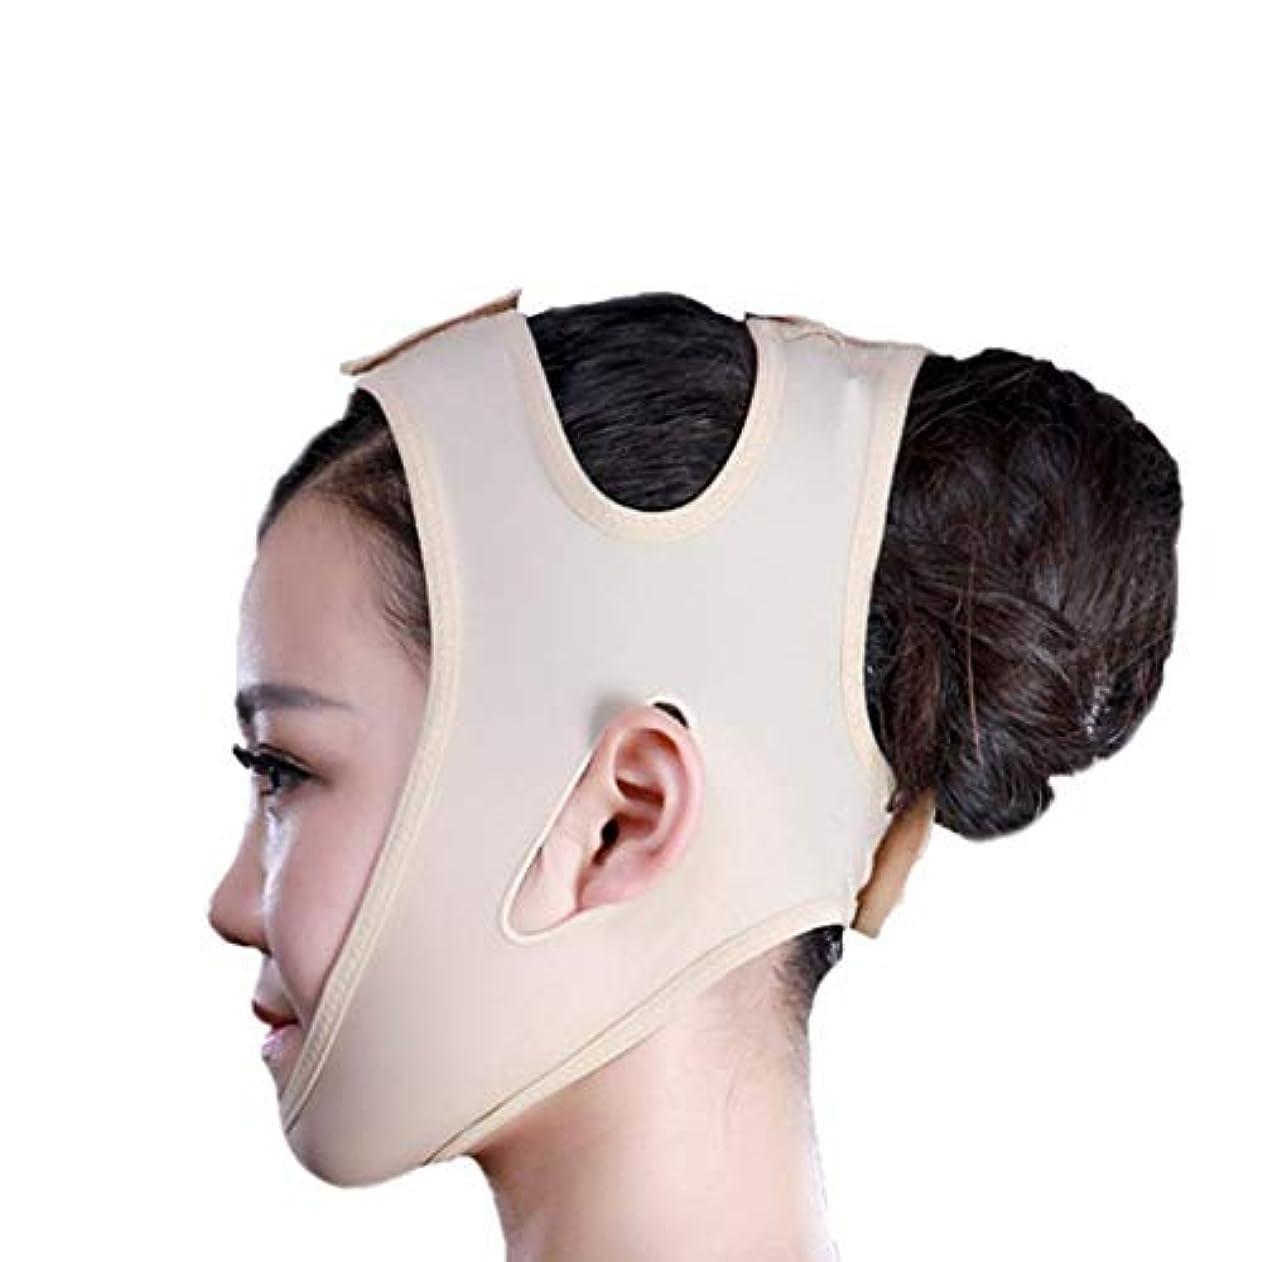 特性正直貼り直すフェイススリミングマスク、快適さと通気性、フェイシャルリフティング、輪郭の改善された硬さ、ファーミングとリフティングフェイス(カラー:ブラック、サイズ:XL),黄色がかったピンク、M